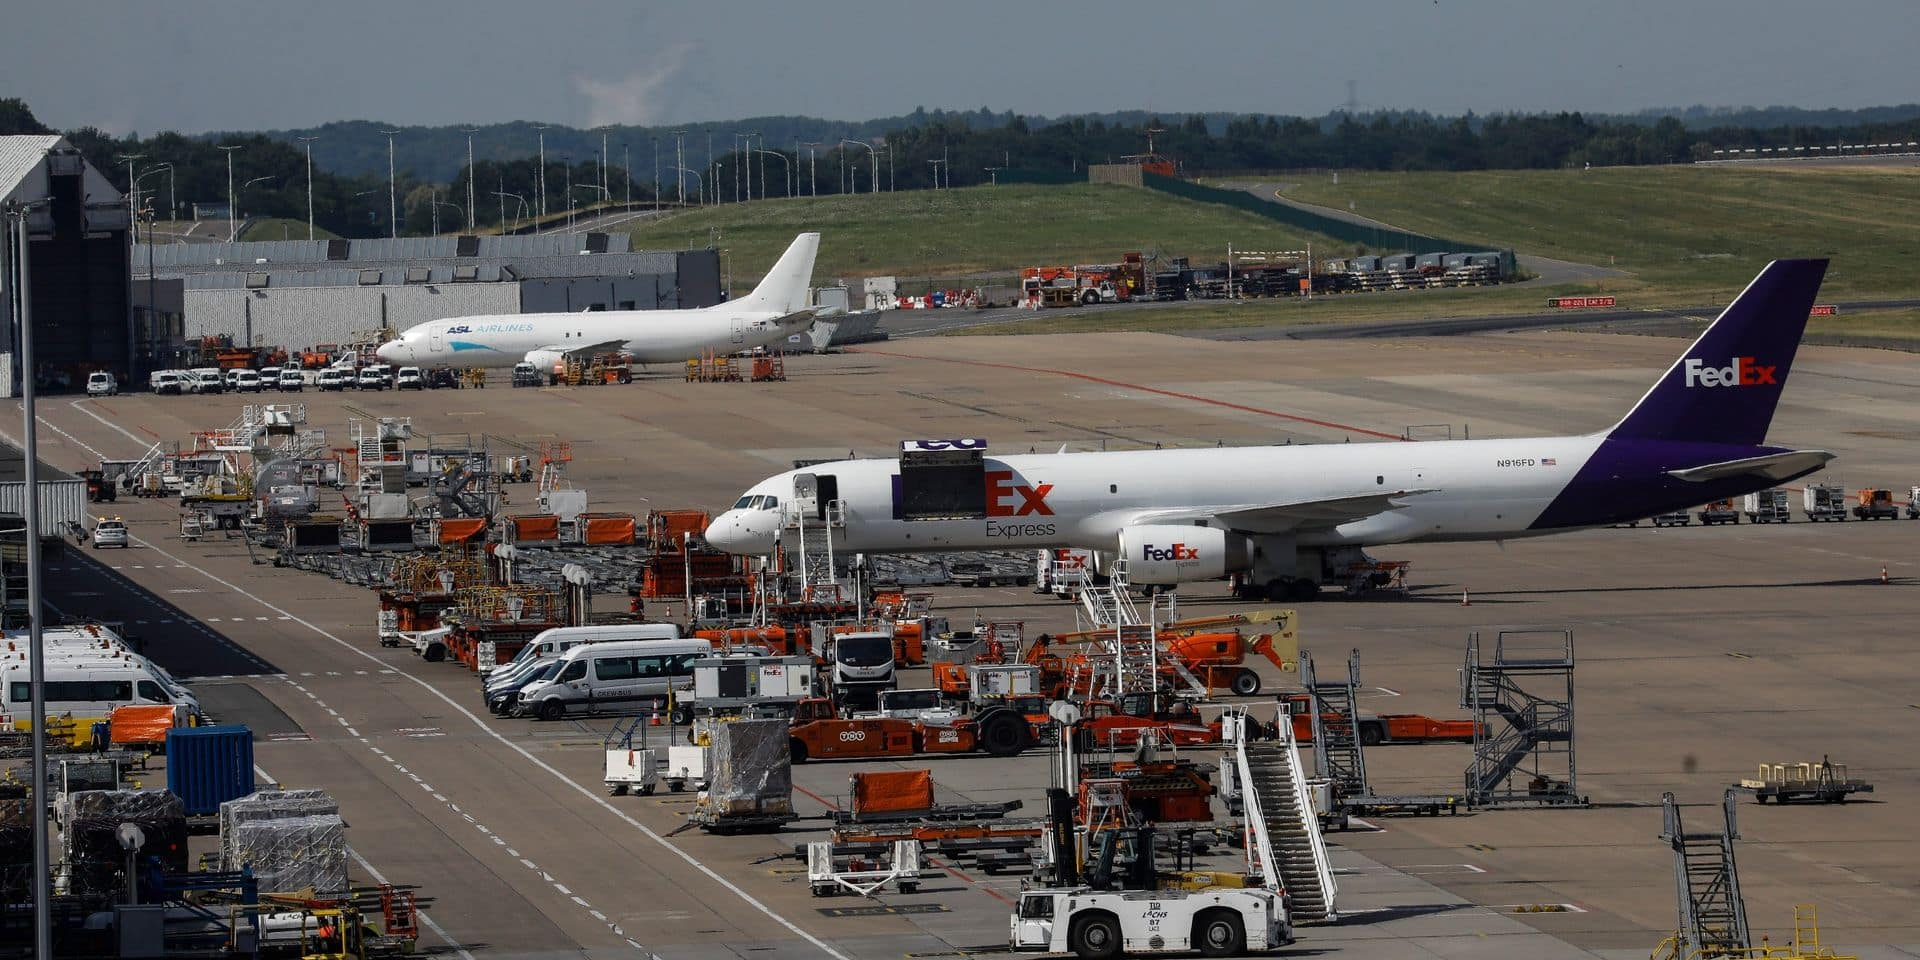 L'aéroport de Liège tourne à plein régime et envisage d'accueillir des travailleurs en chômage temporaire de BSCA